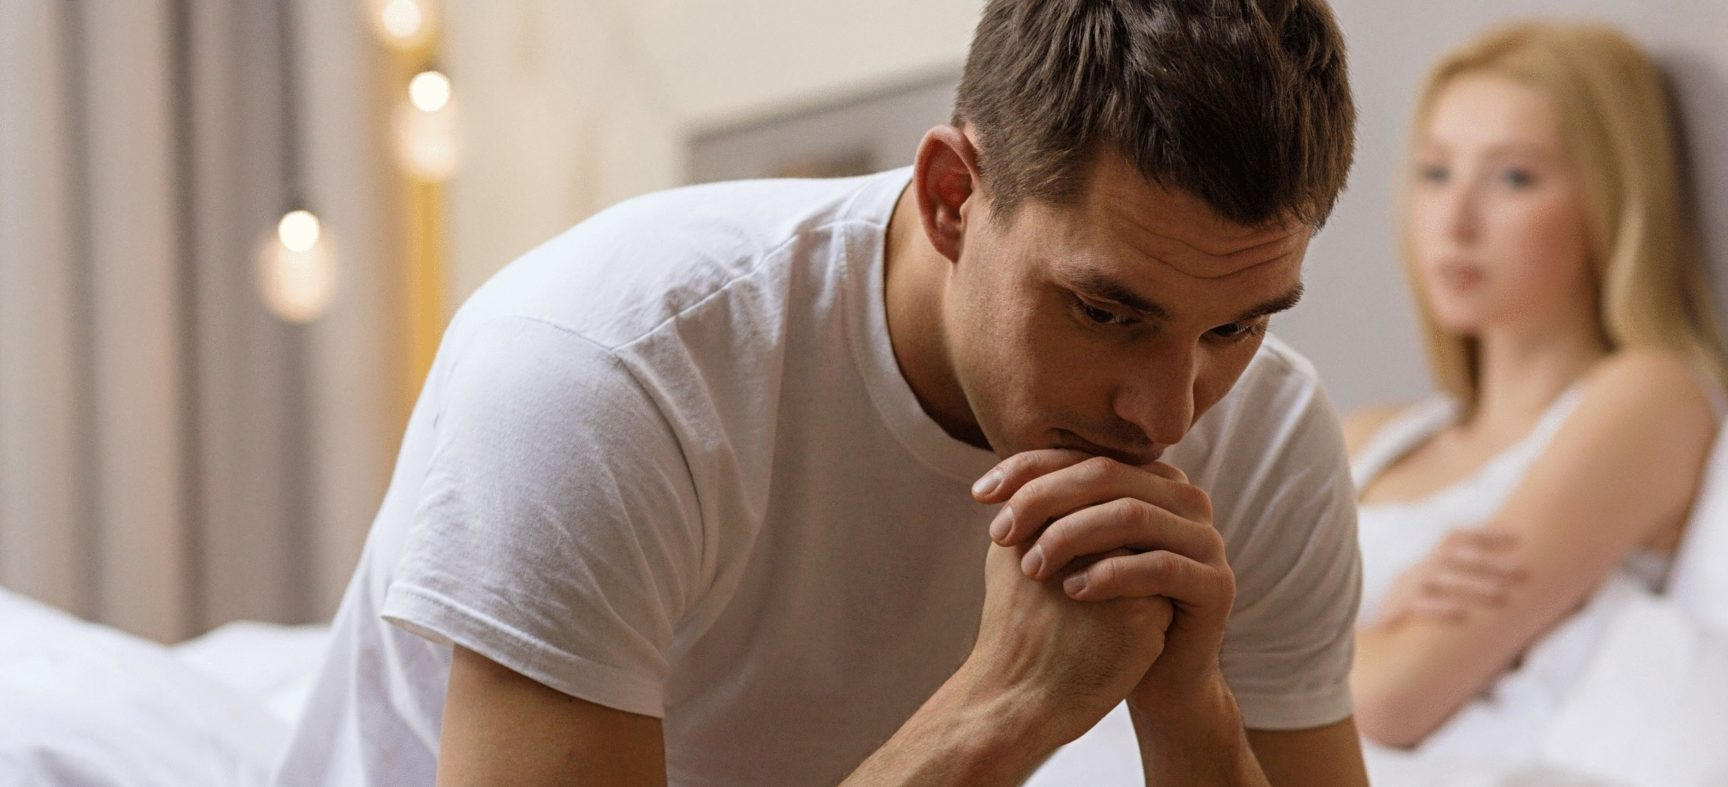 Трибестан - Лечение эректильной дисфункции